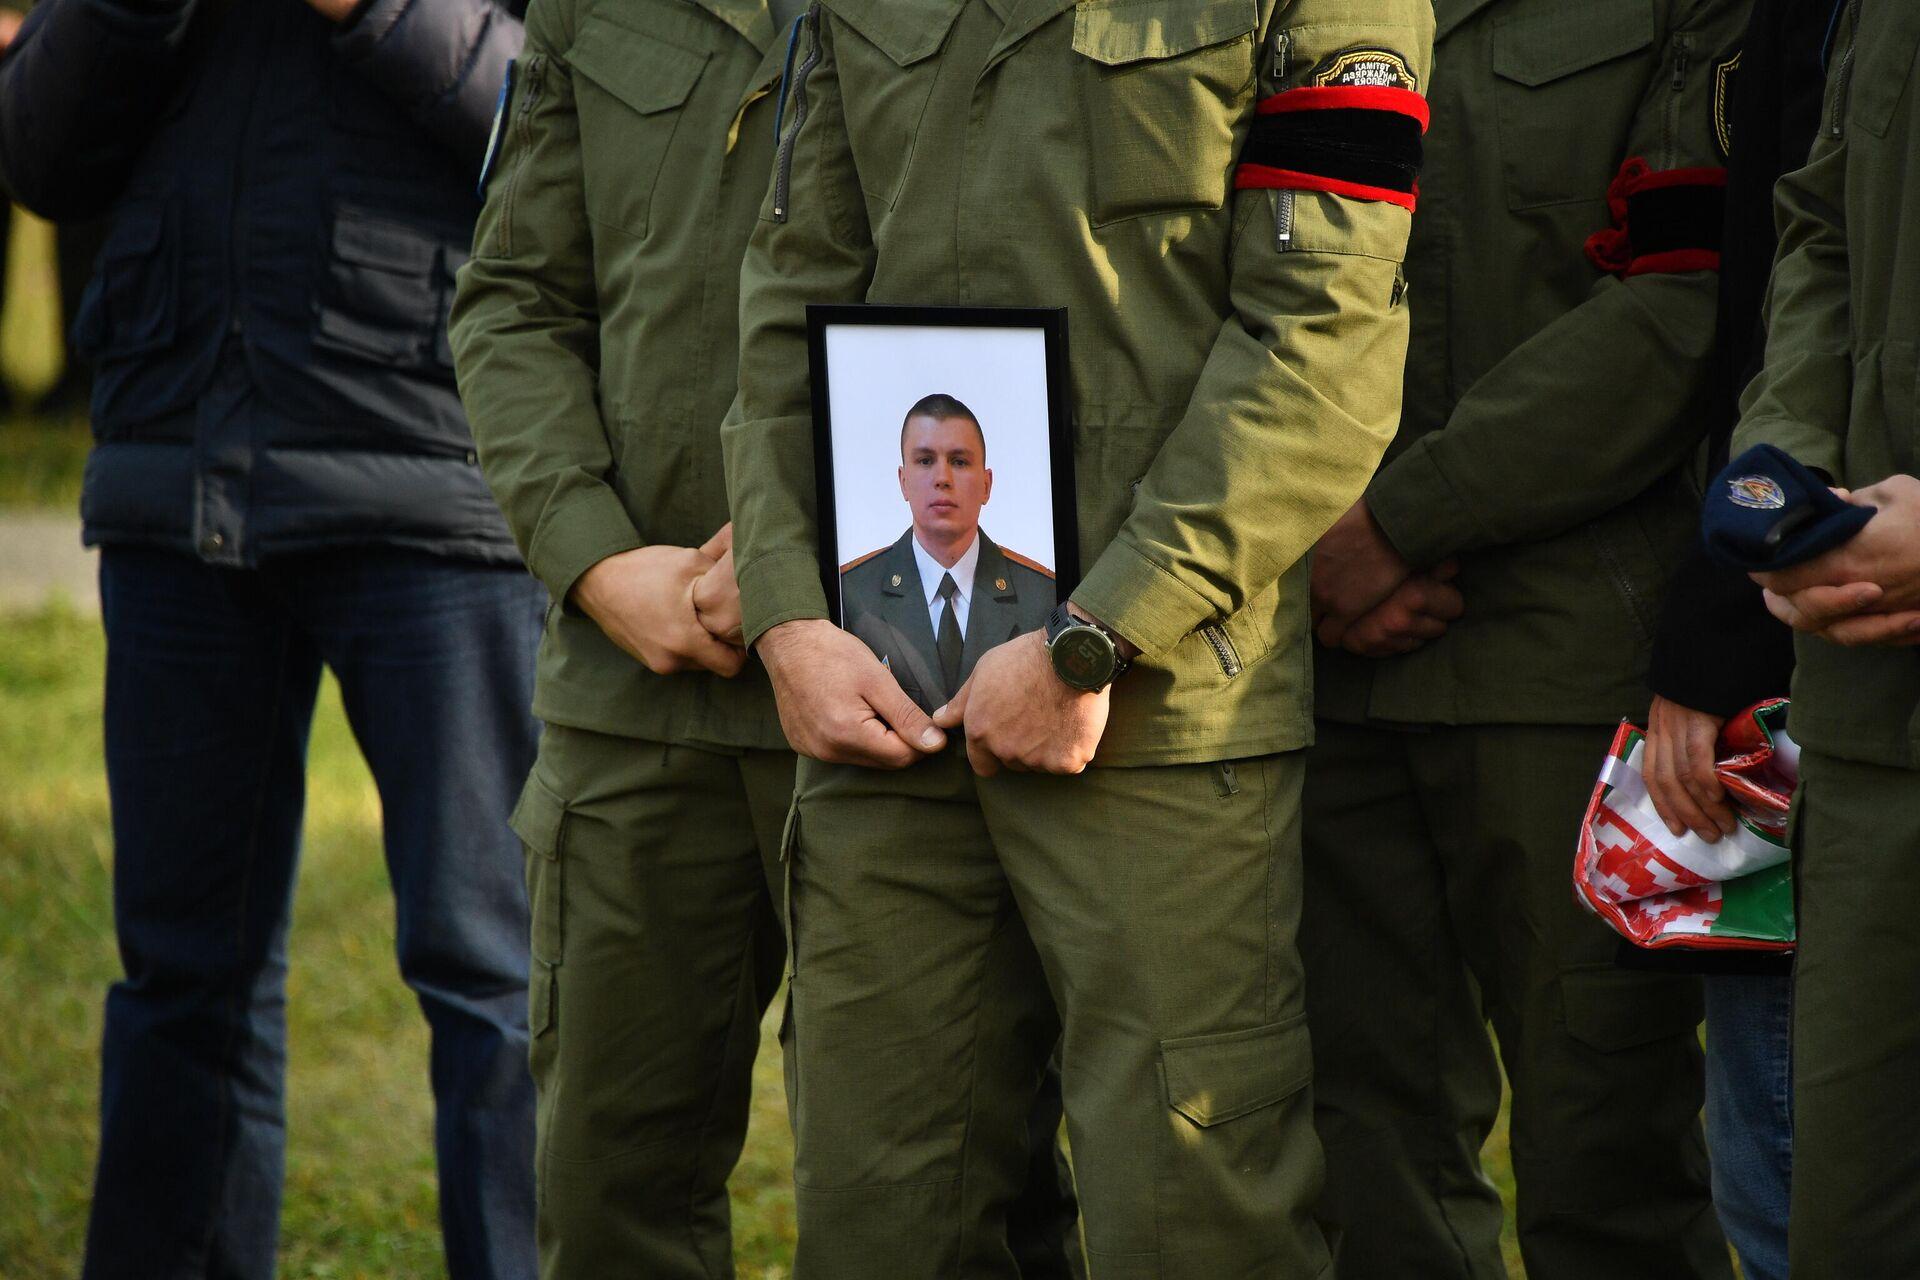 С офицером КГБ родные и близкие простились в Минске 1 октября - Sputnik Беларусь, 1920, 01.10.2021